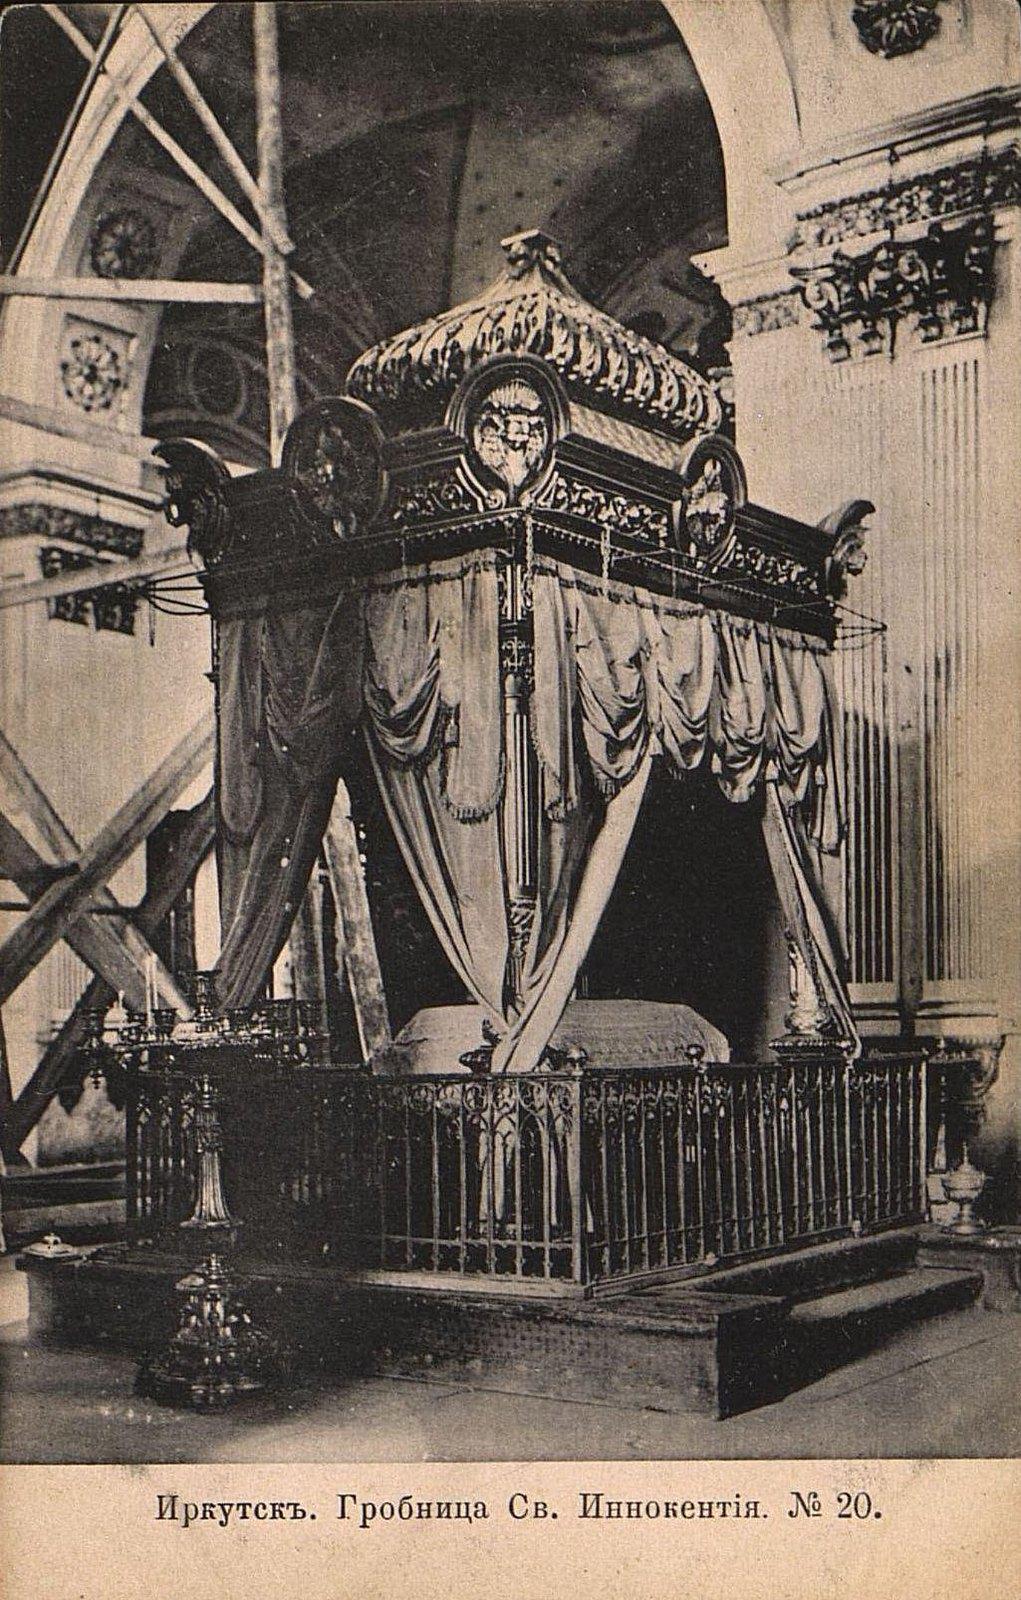 11. Вознесенский иркутский монастырь. Гробница Св. Иннокентия. 1904